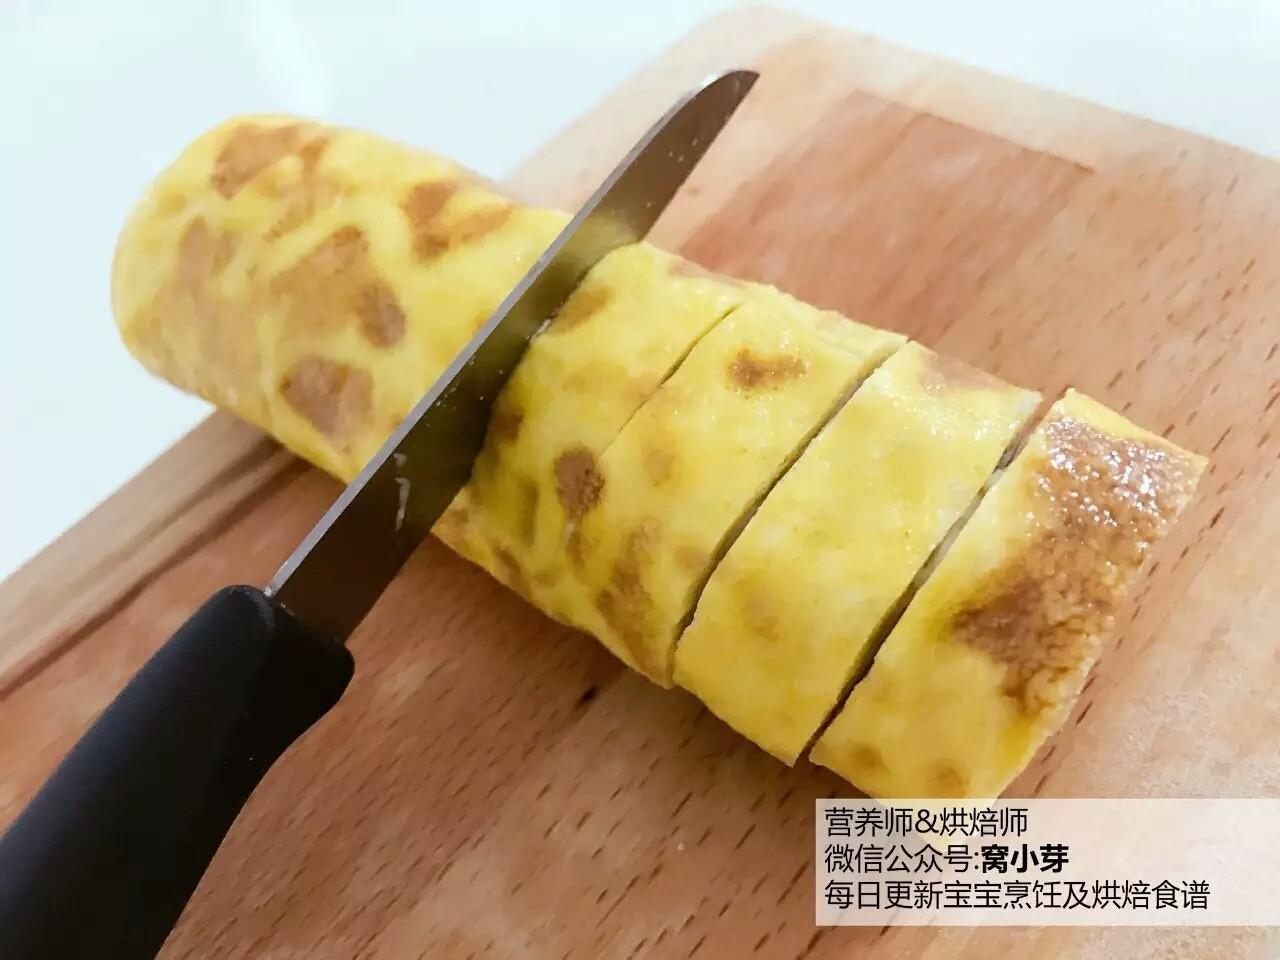 宝宝辅食:芋头蛋卷-好好吃早餐,元气满满地开始一天吧!10M+,趁热切段,小宝宝吃可以切一小段一小段的哈。</p> <p>》切段的时候要小心,用刀来回挪动像,用锯齿刀一样慢慢切。